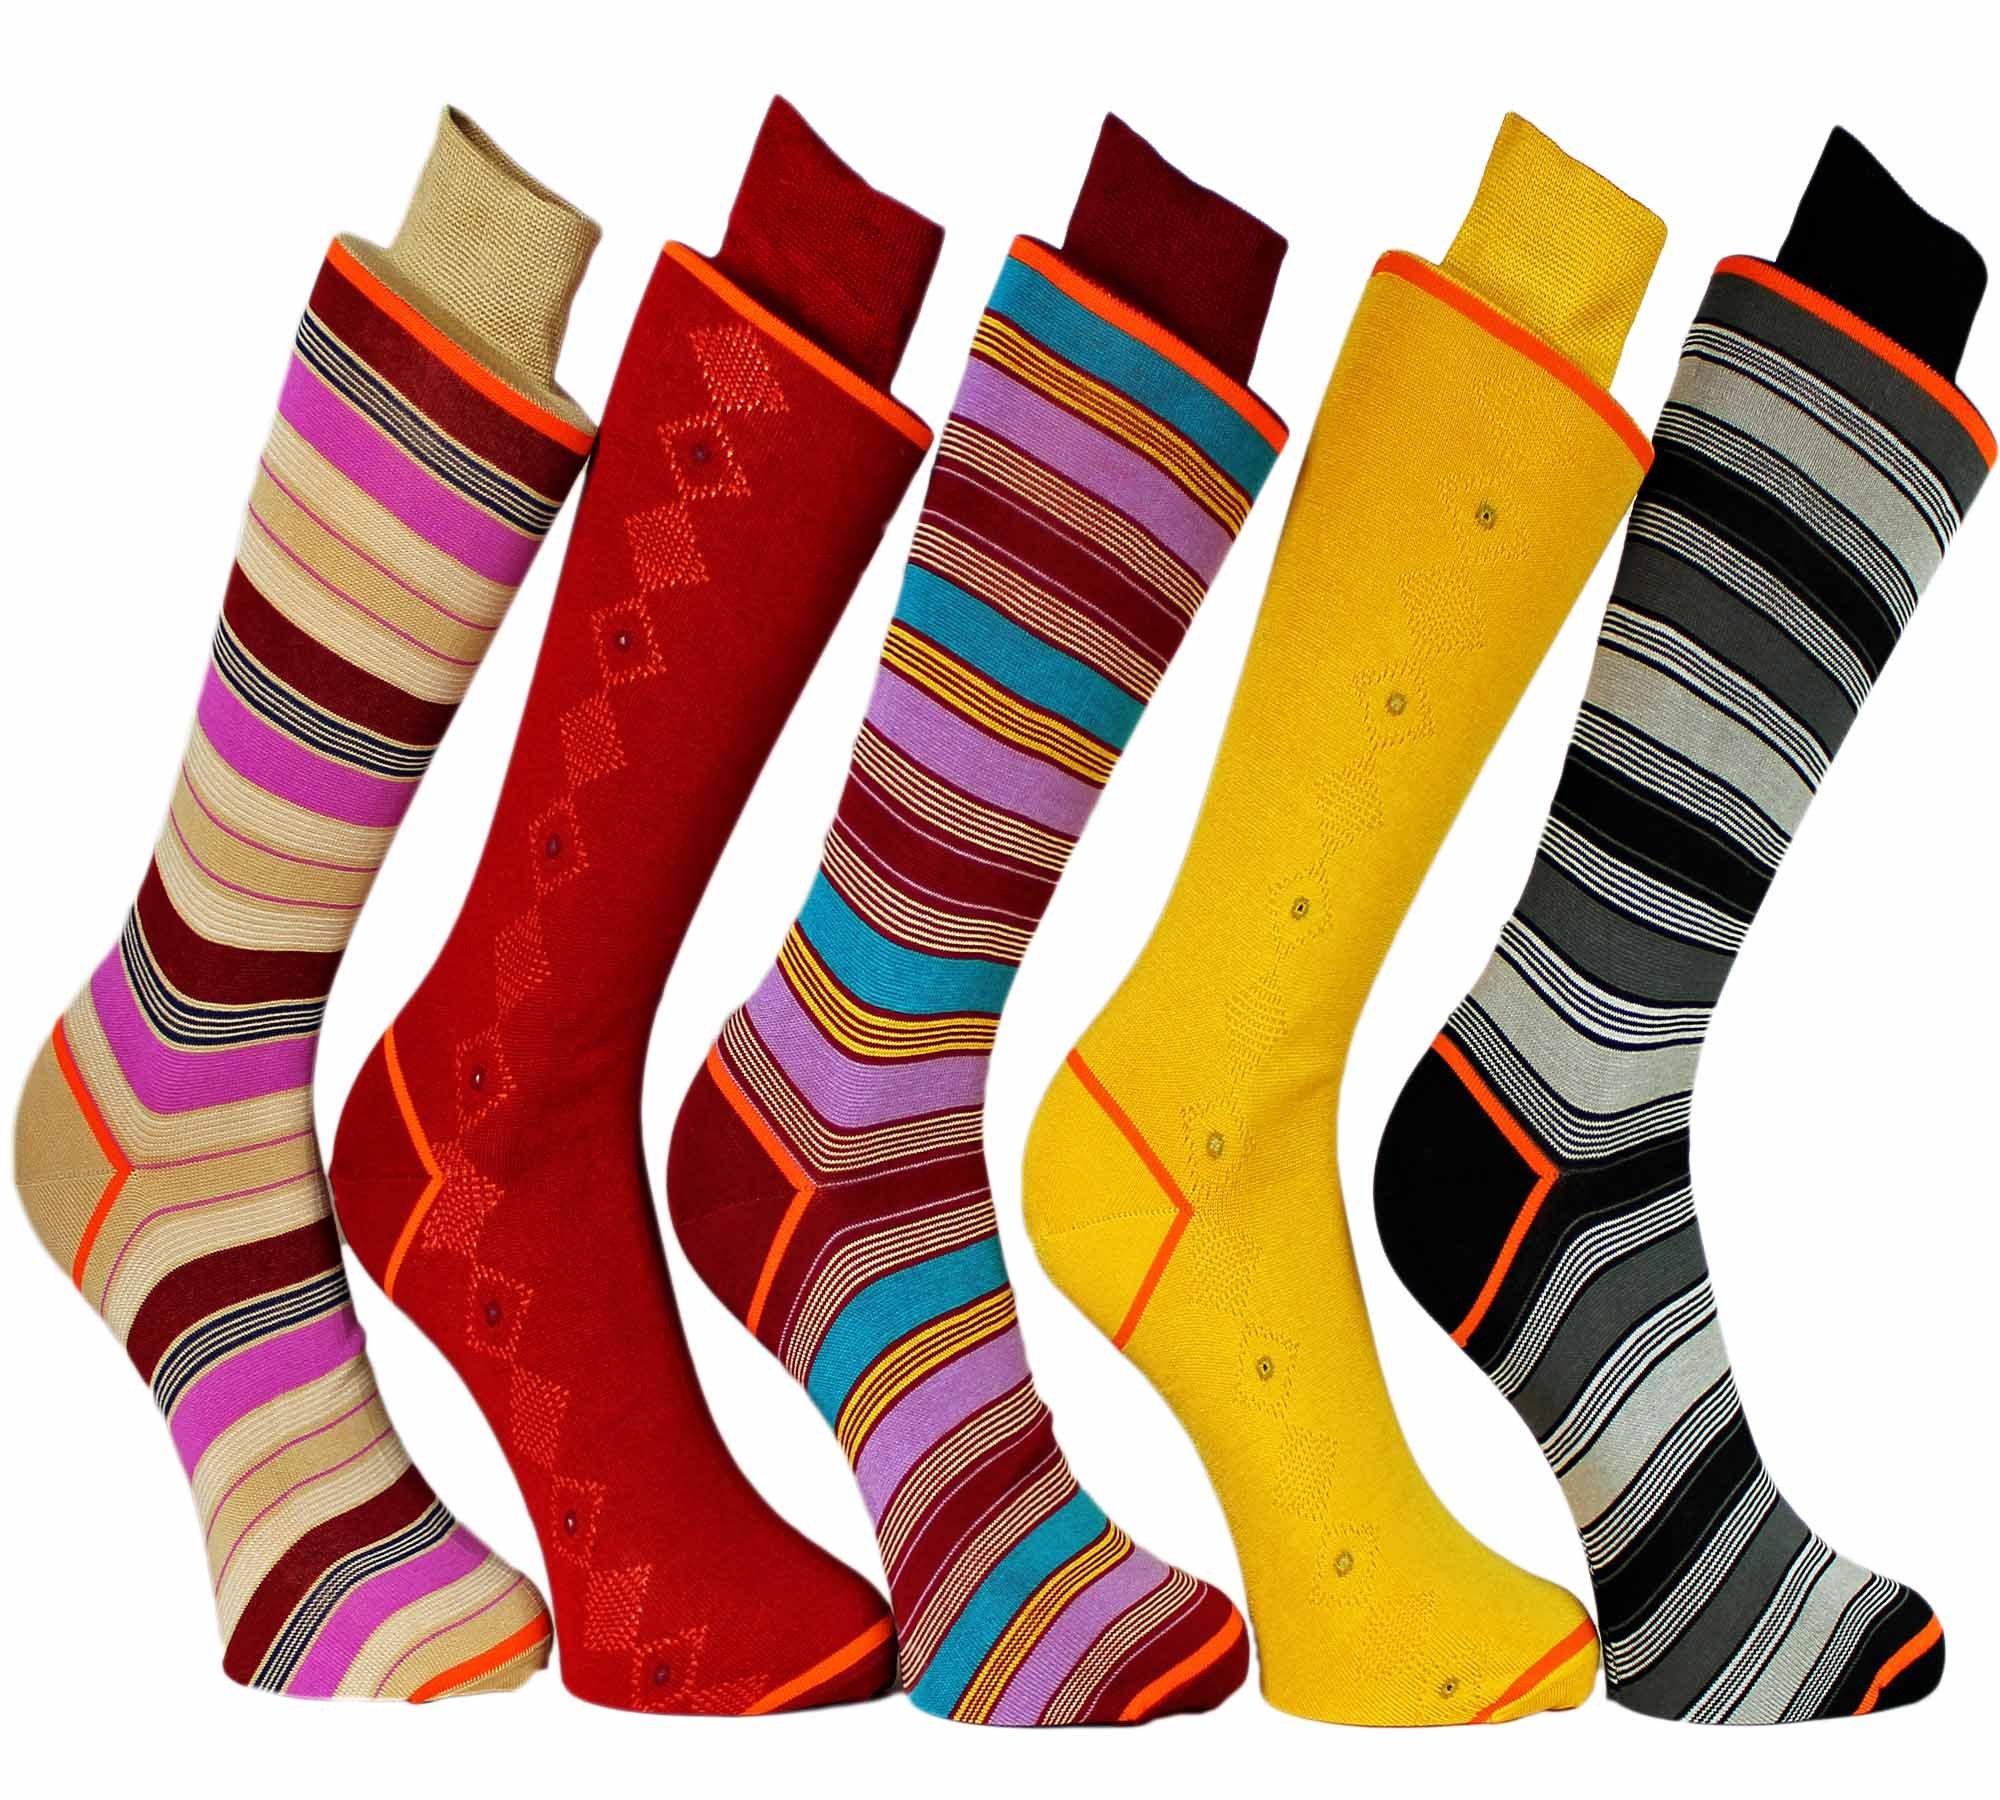 Stanley Lewis Jumbo Jim's Box of Men's Socks - 5 Pair by Stanley Lewis